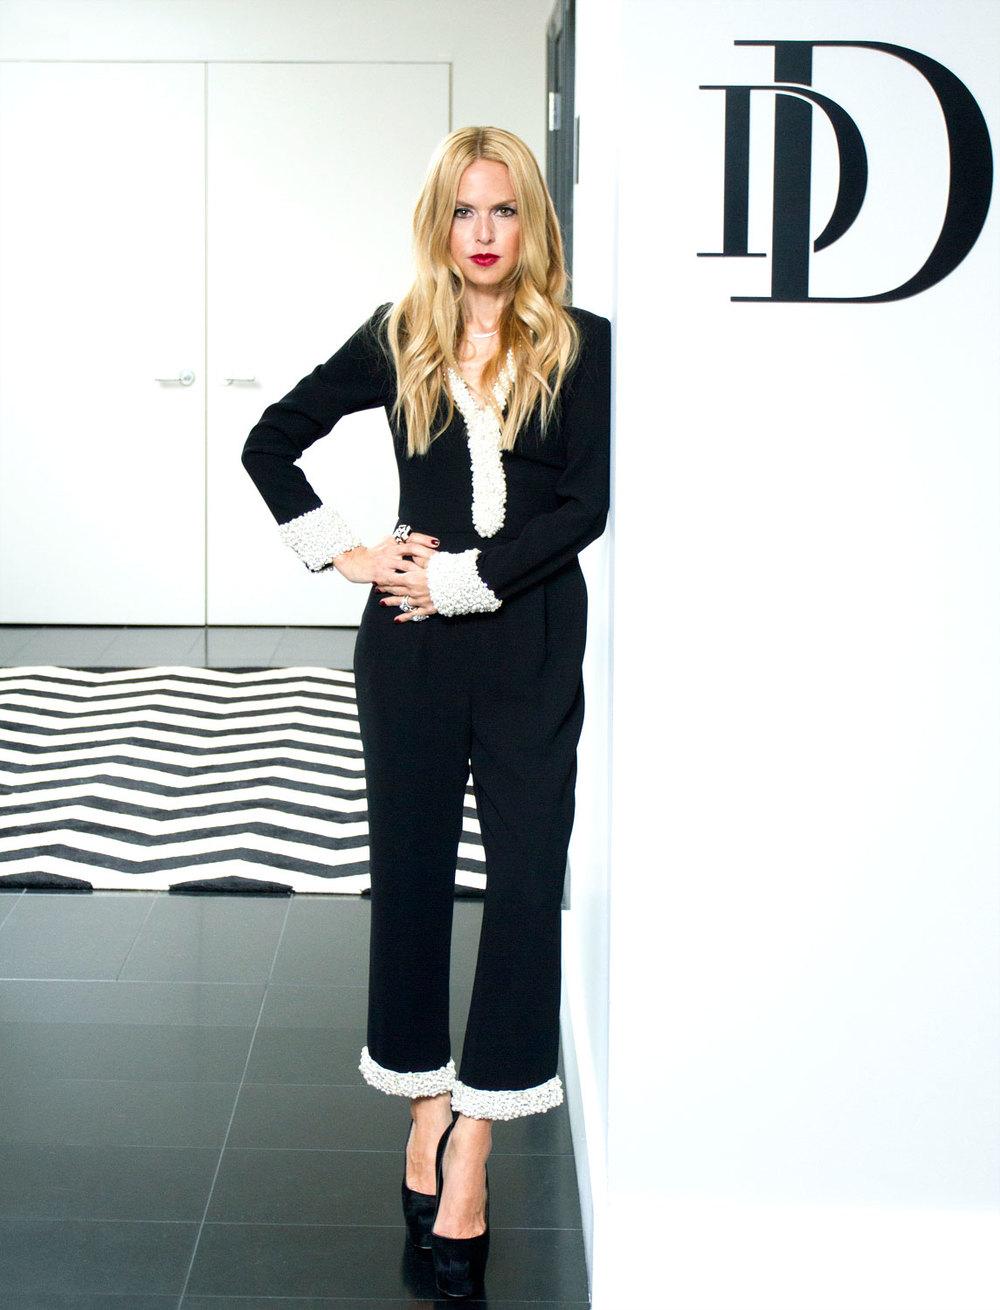 Rachel Zoe, designer